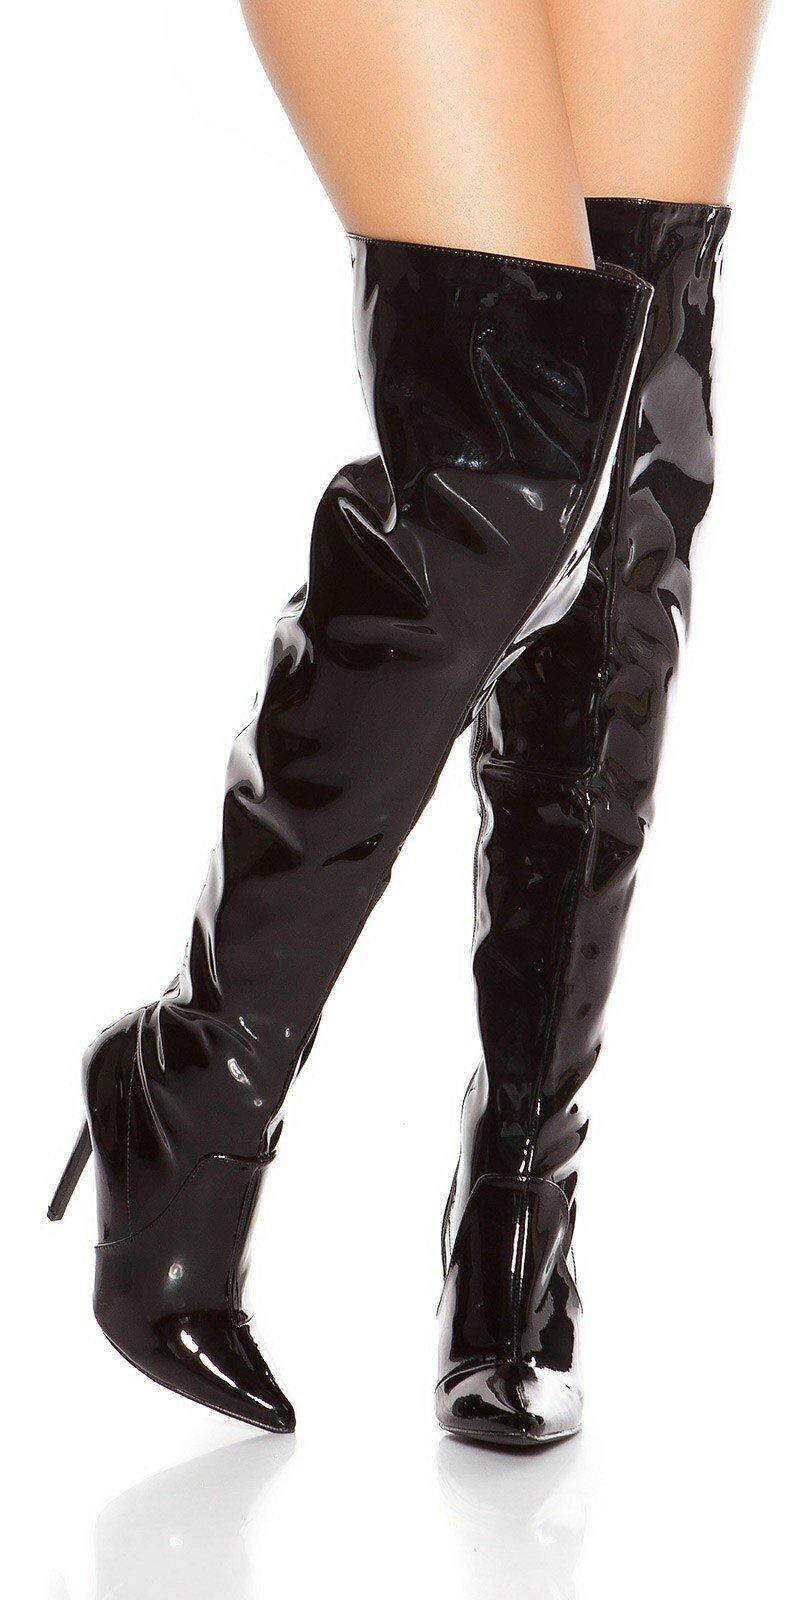 Lesklé čižmy nad kolená  Velkosť topánok 39 Farba Čierna fee68cc993e